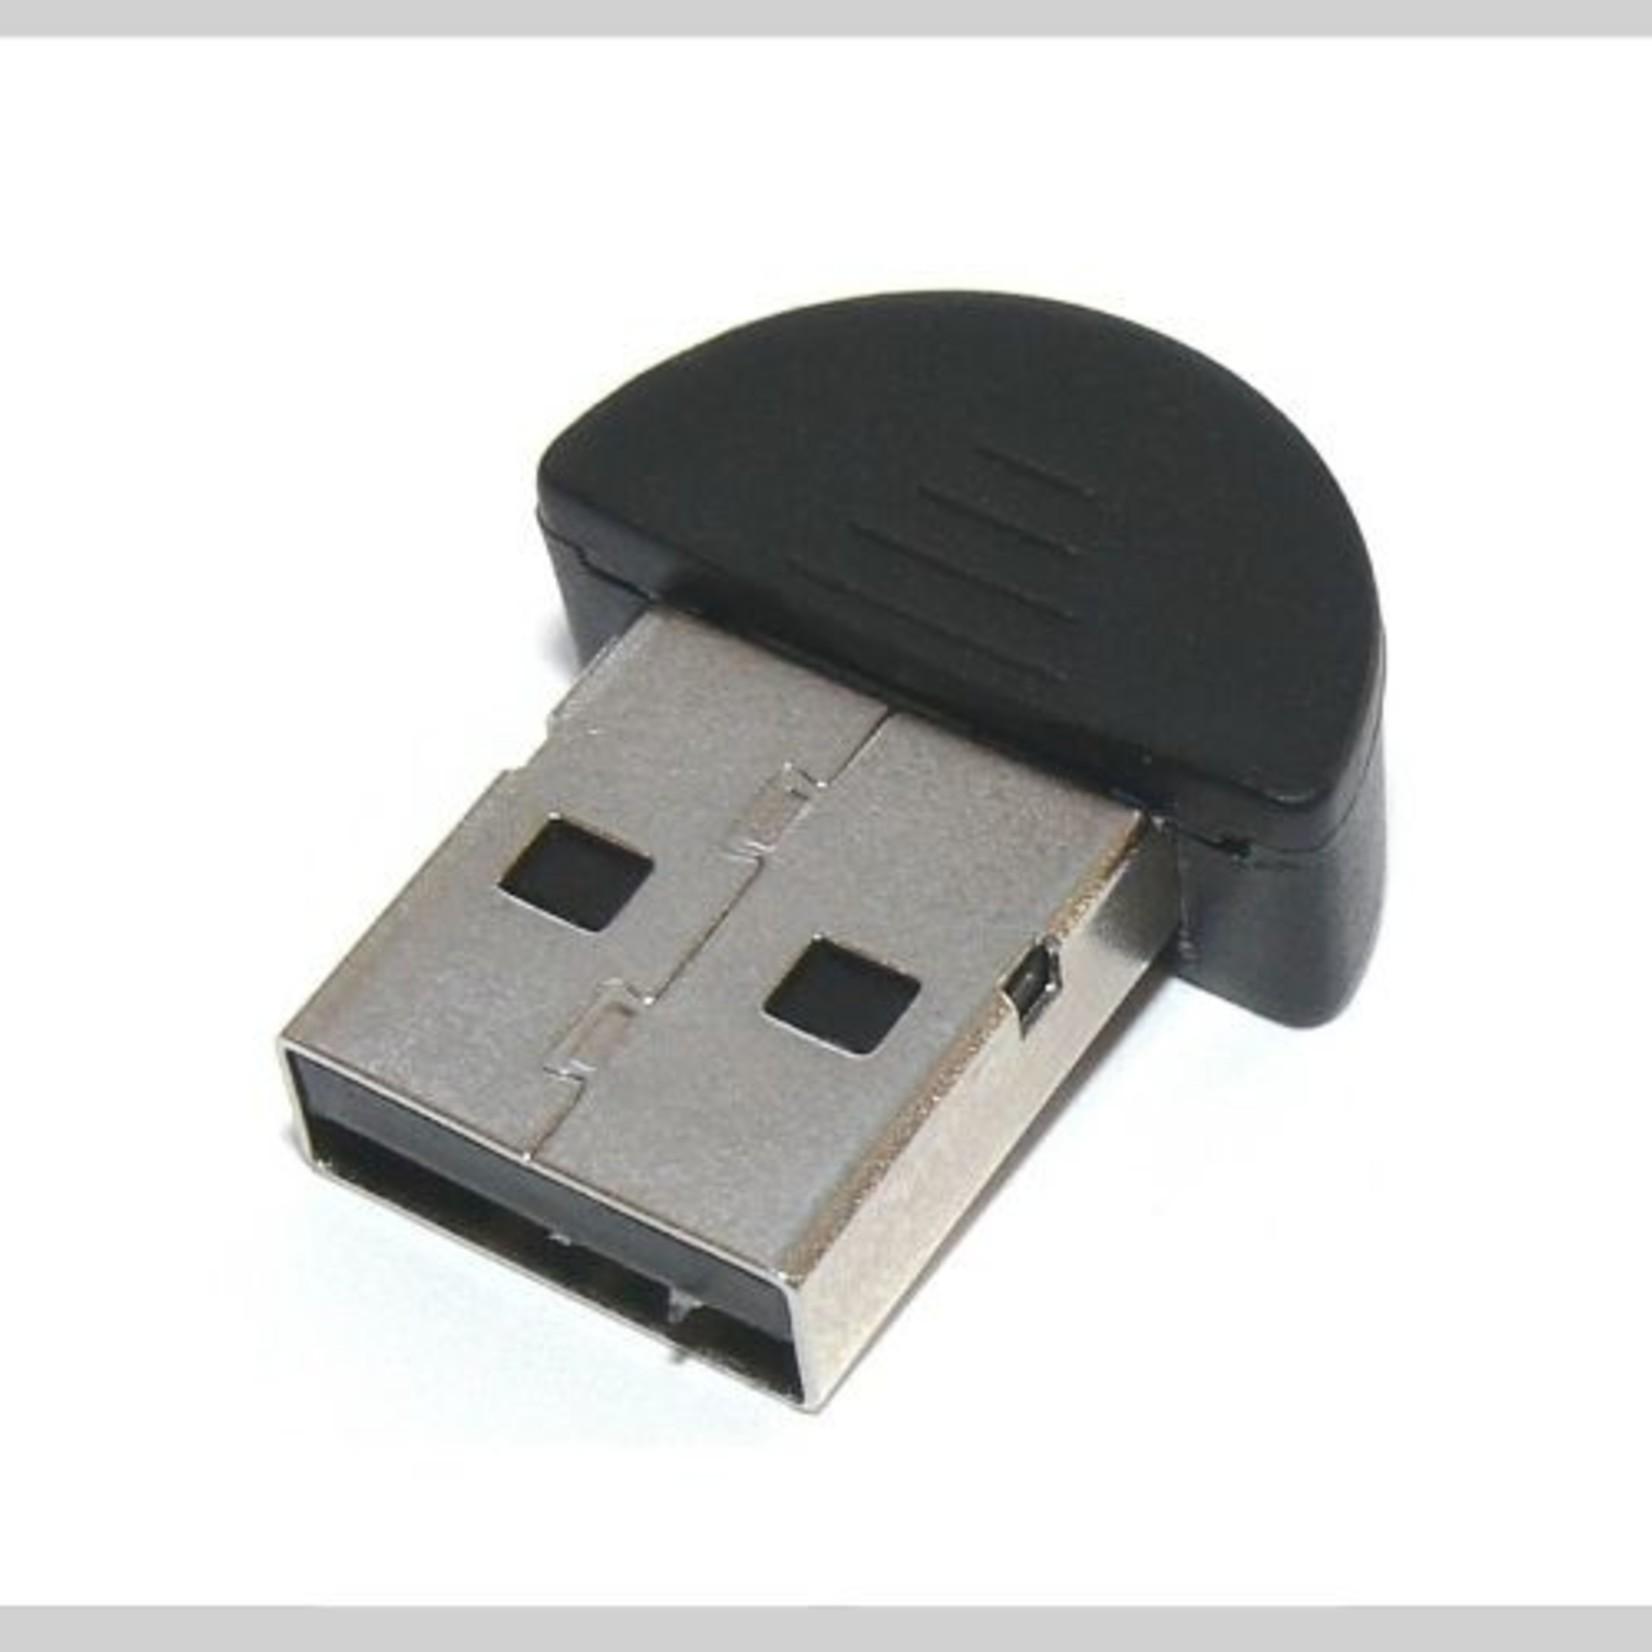 Bluetooth Dongle Stick Light SY-E311